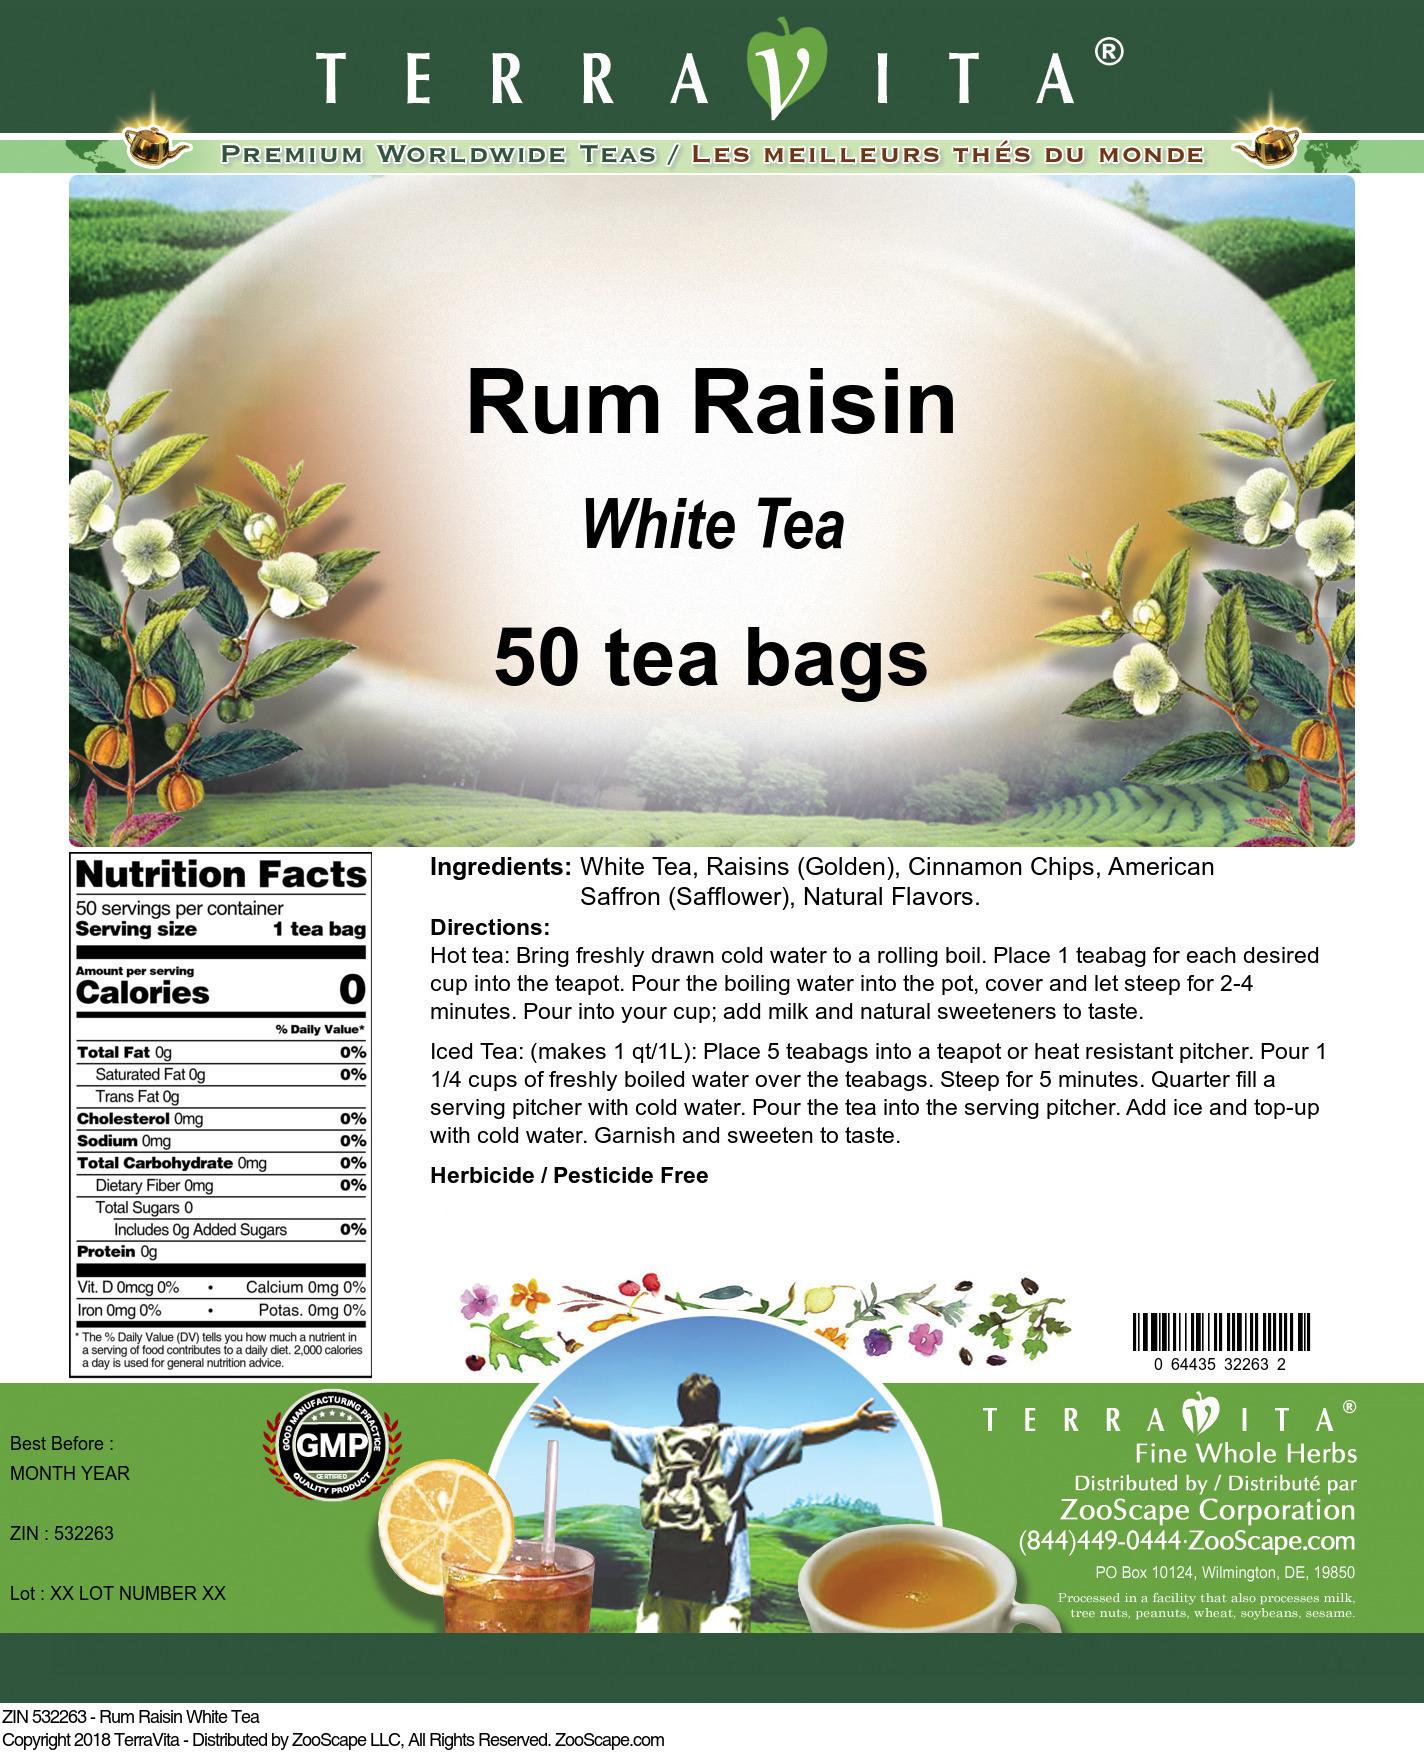 Rum Raisin White Tea